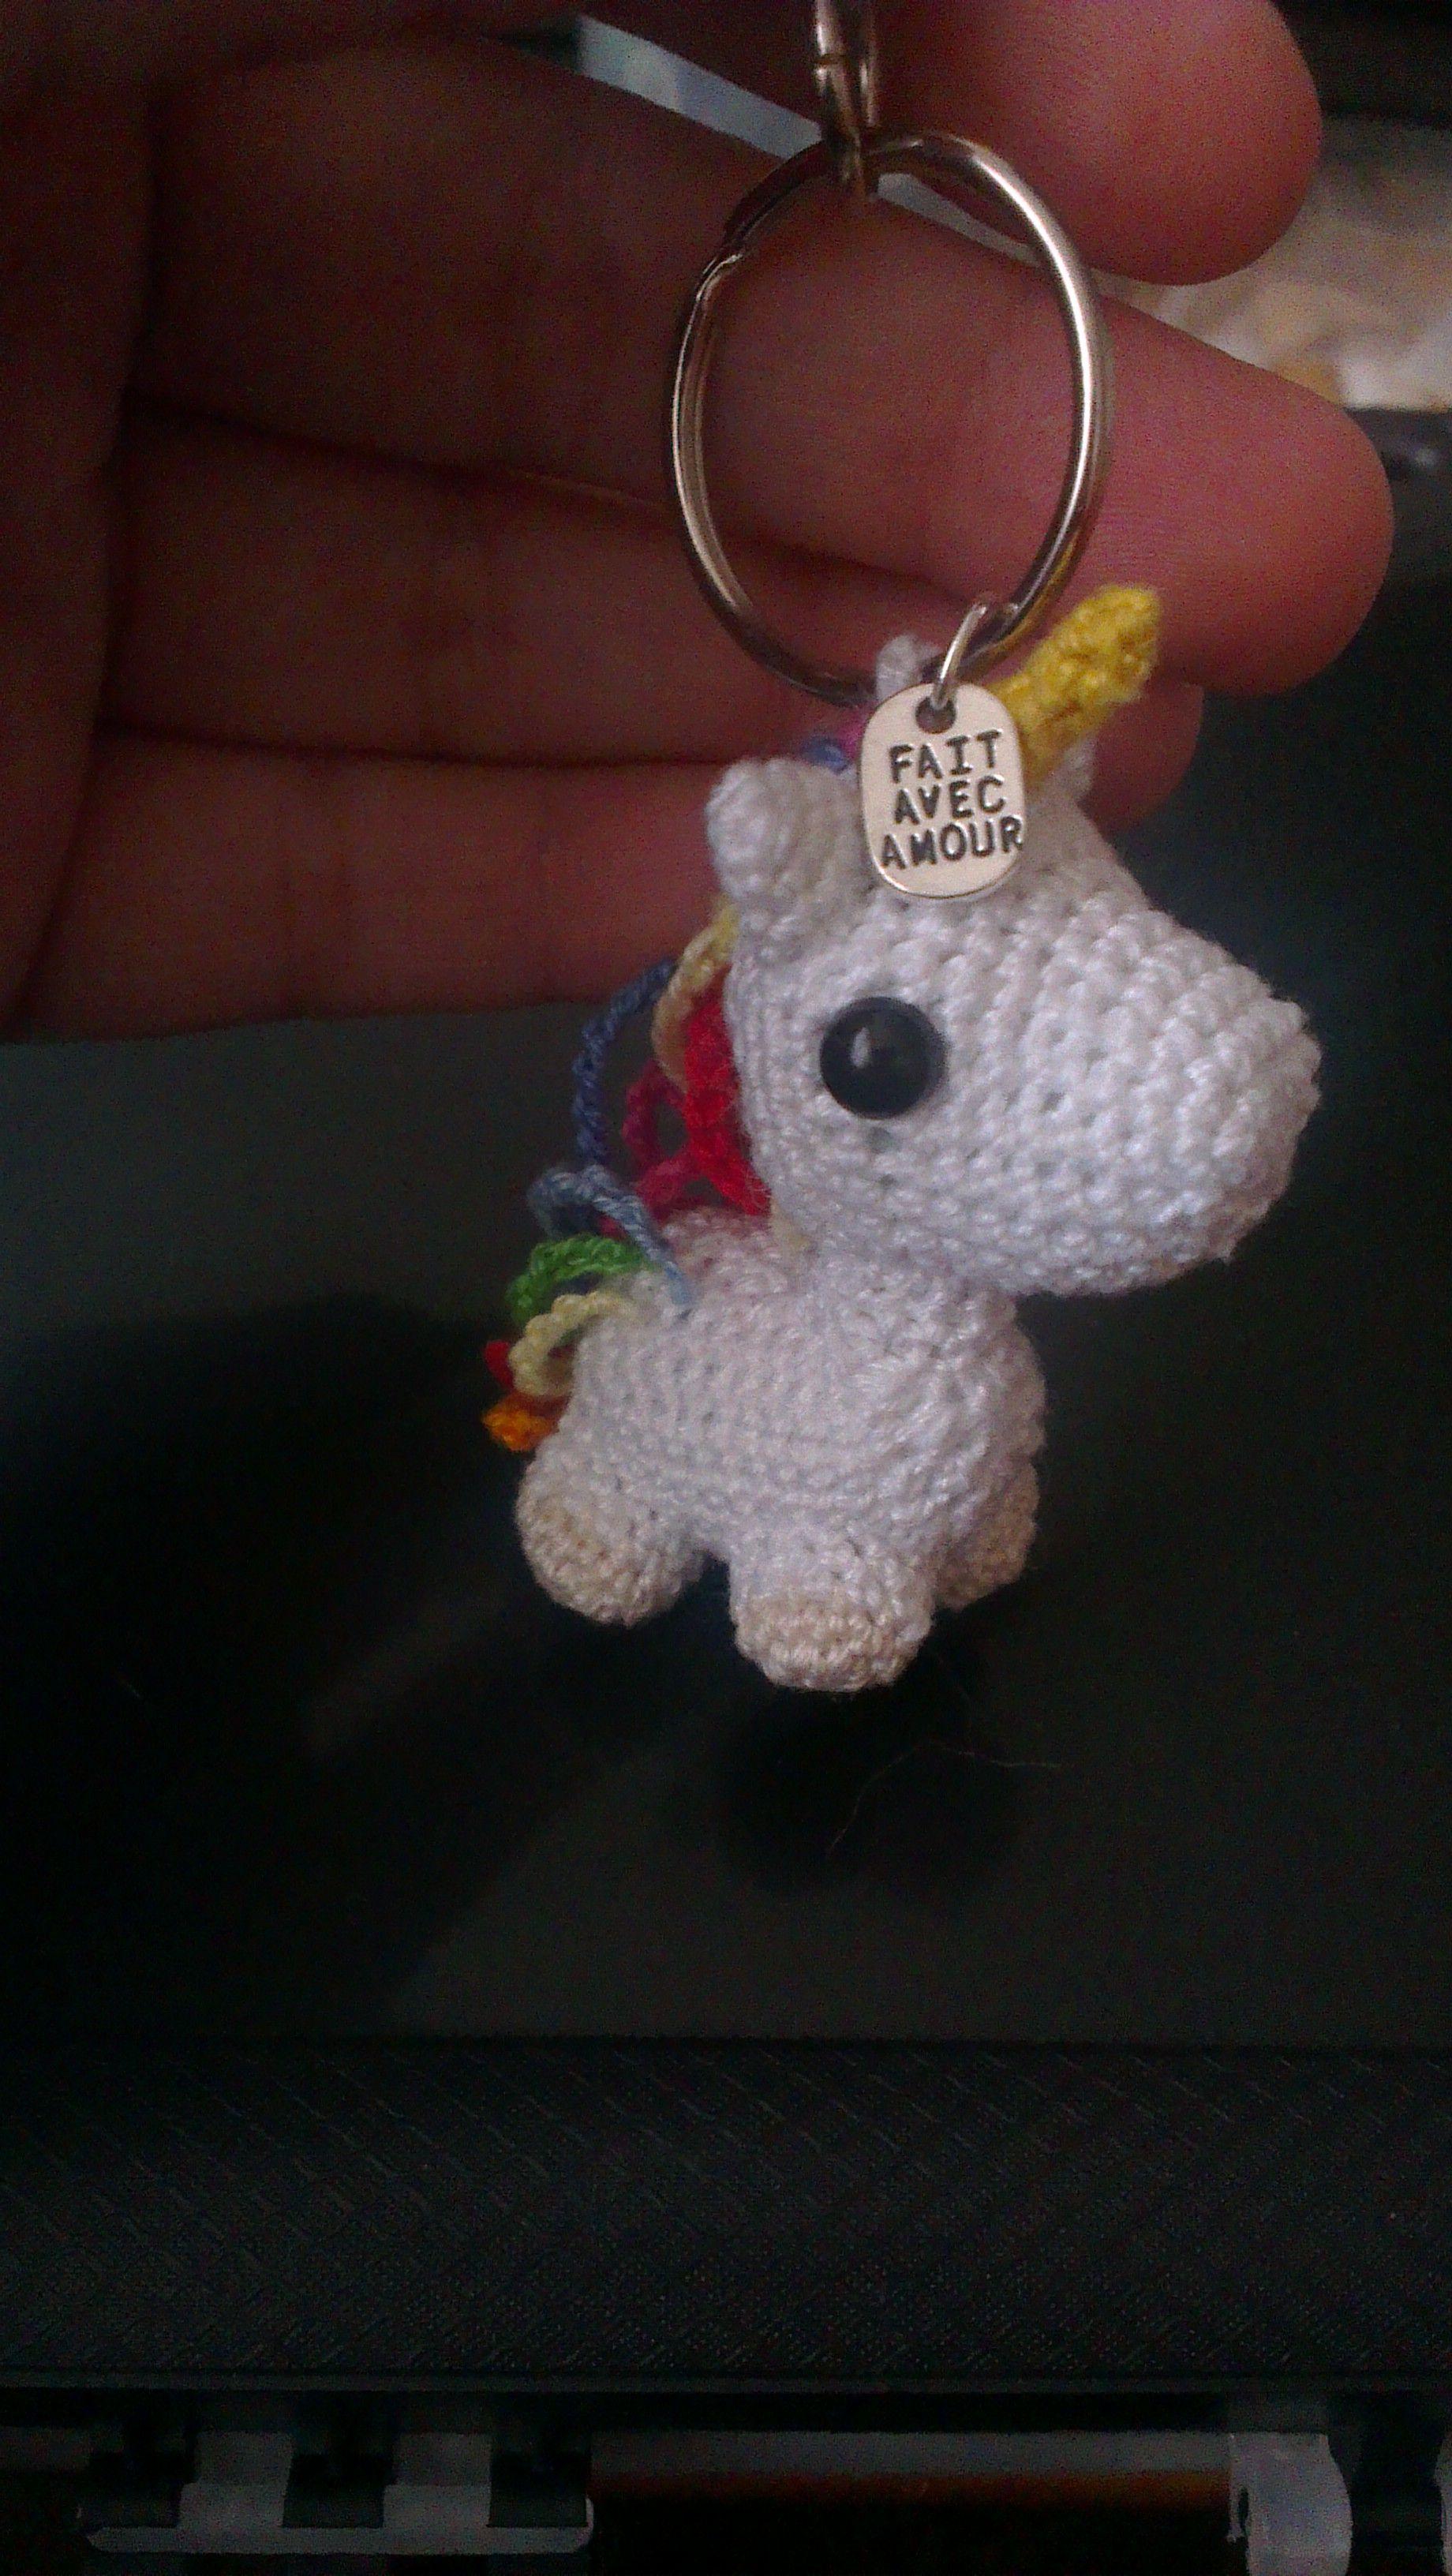 Porte clef licorne unicorn keyholder crochet amigurumi crochet toys n misc crochet - Porte cle crochet ...